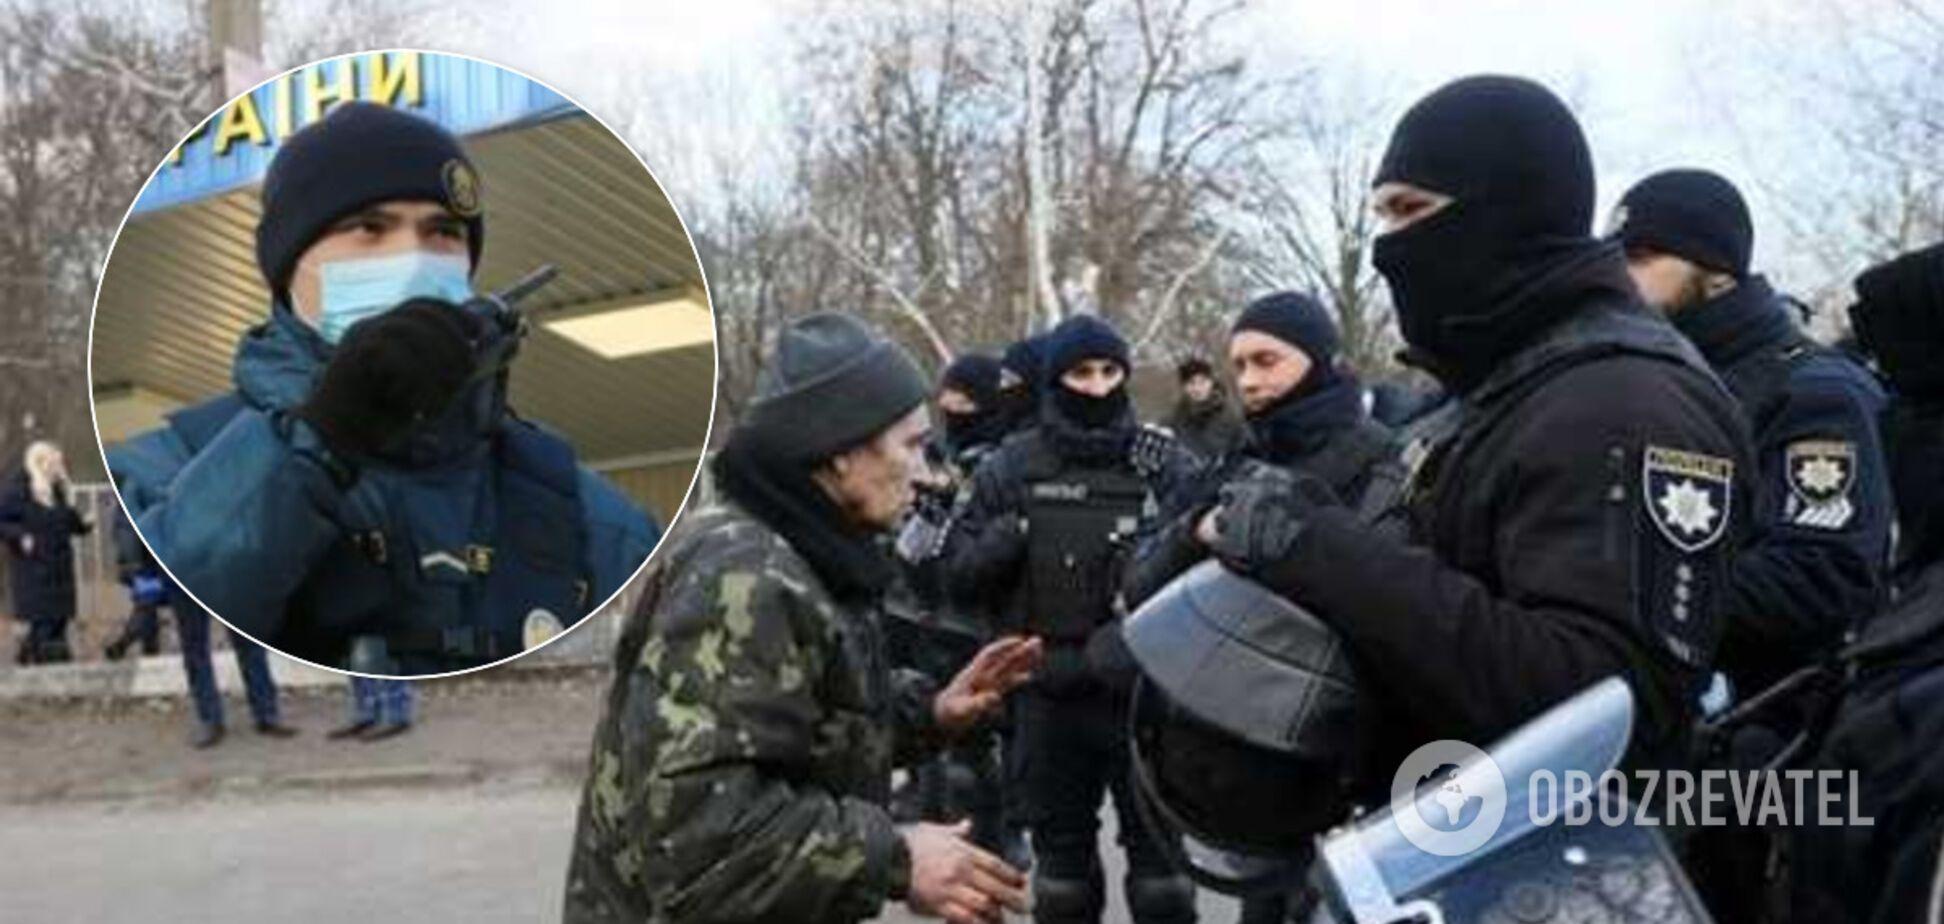 Протесты в Новых Санжарах: украинцы высказали свое мнение. Опрос